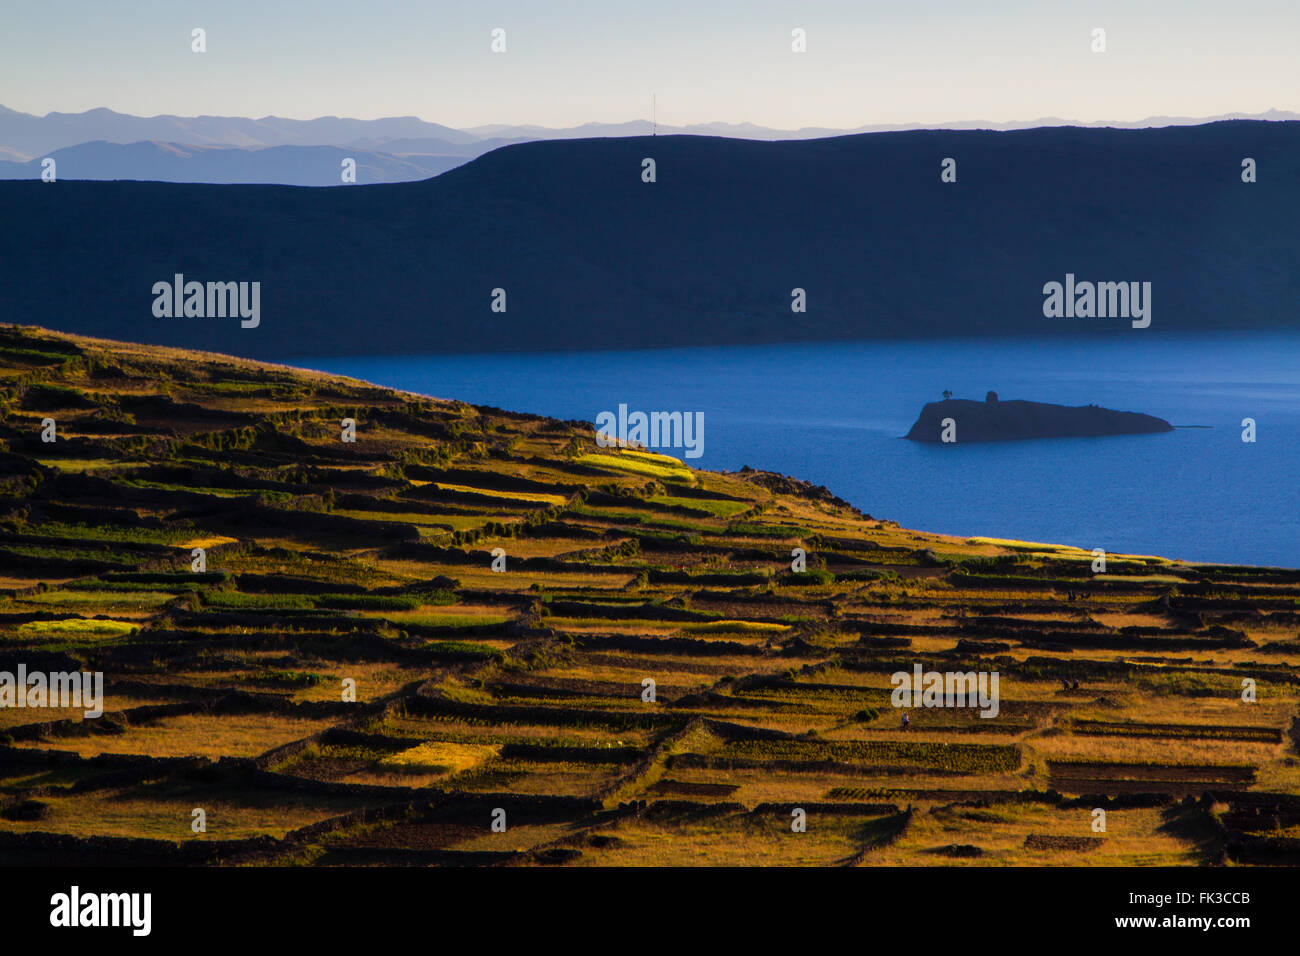 Farm fields, Amantani Island, Lake Titikaka, Peru Stock Photo